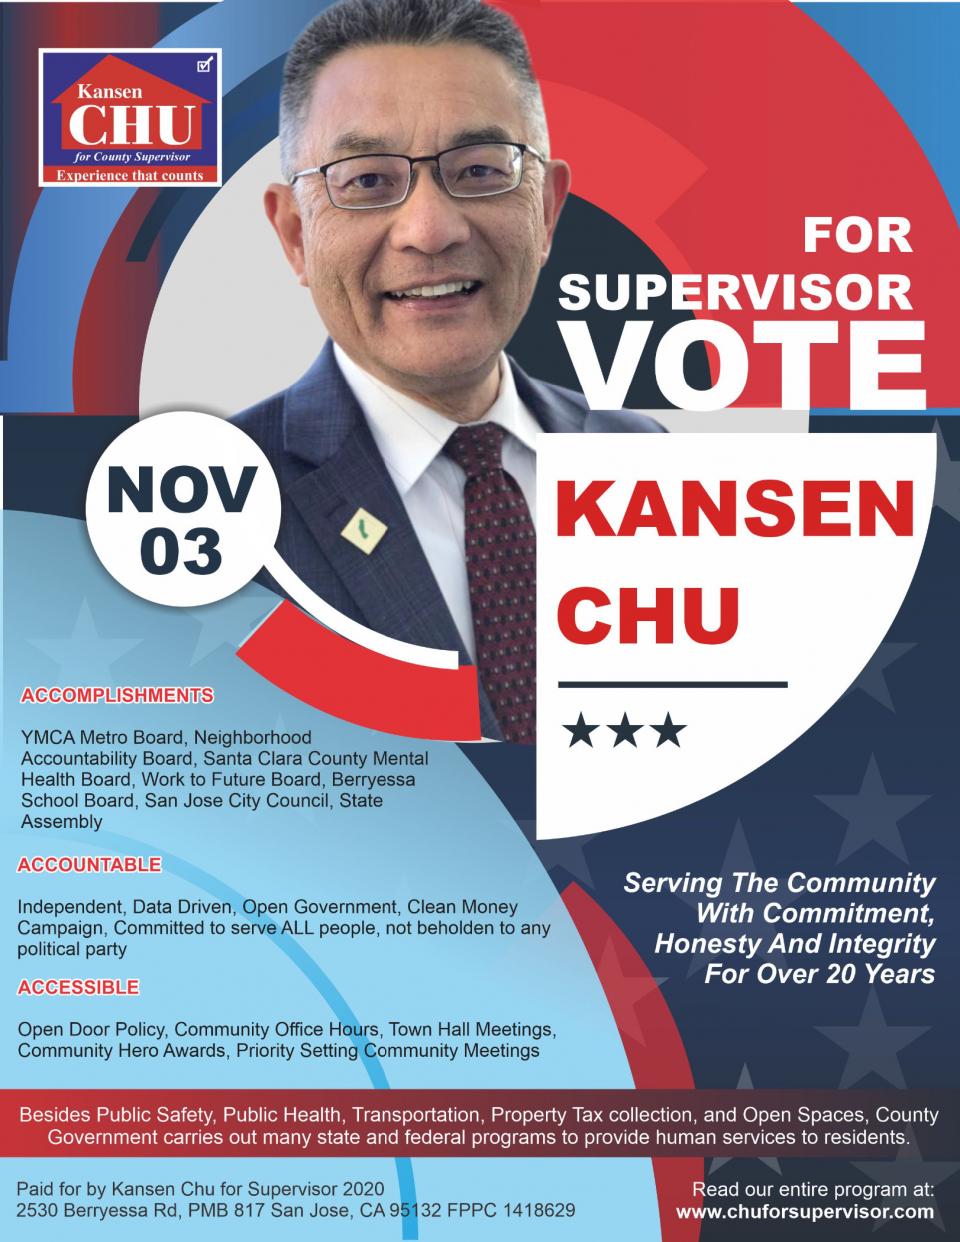 VOTE FOR KANSEN CHU FOR SUPERVISOR ON NOVEMBER, 3, 2020